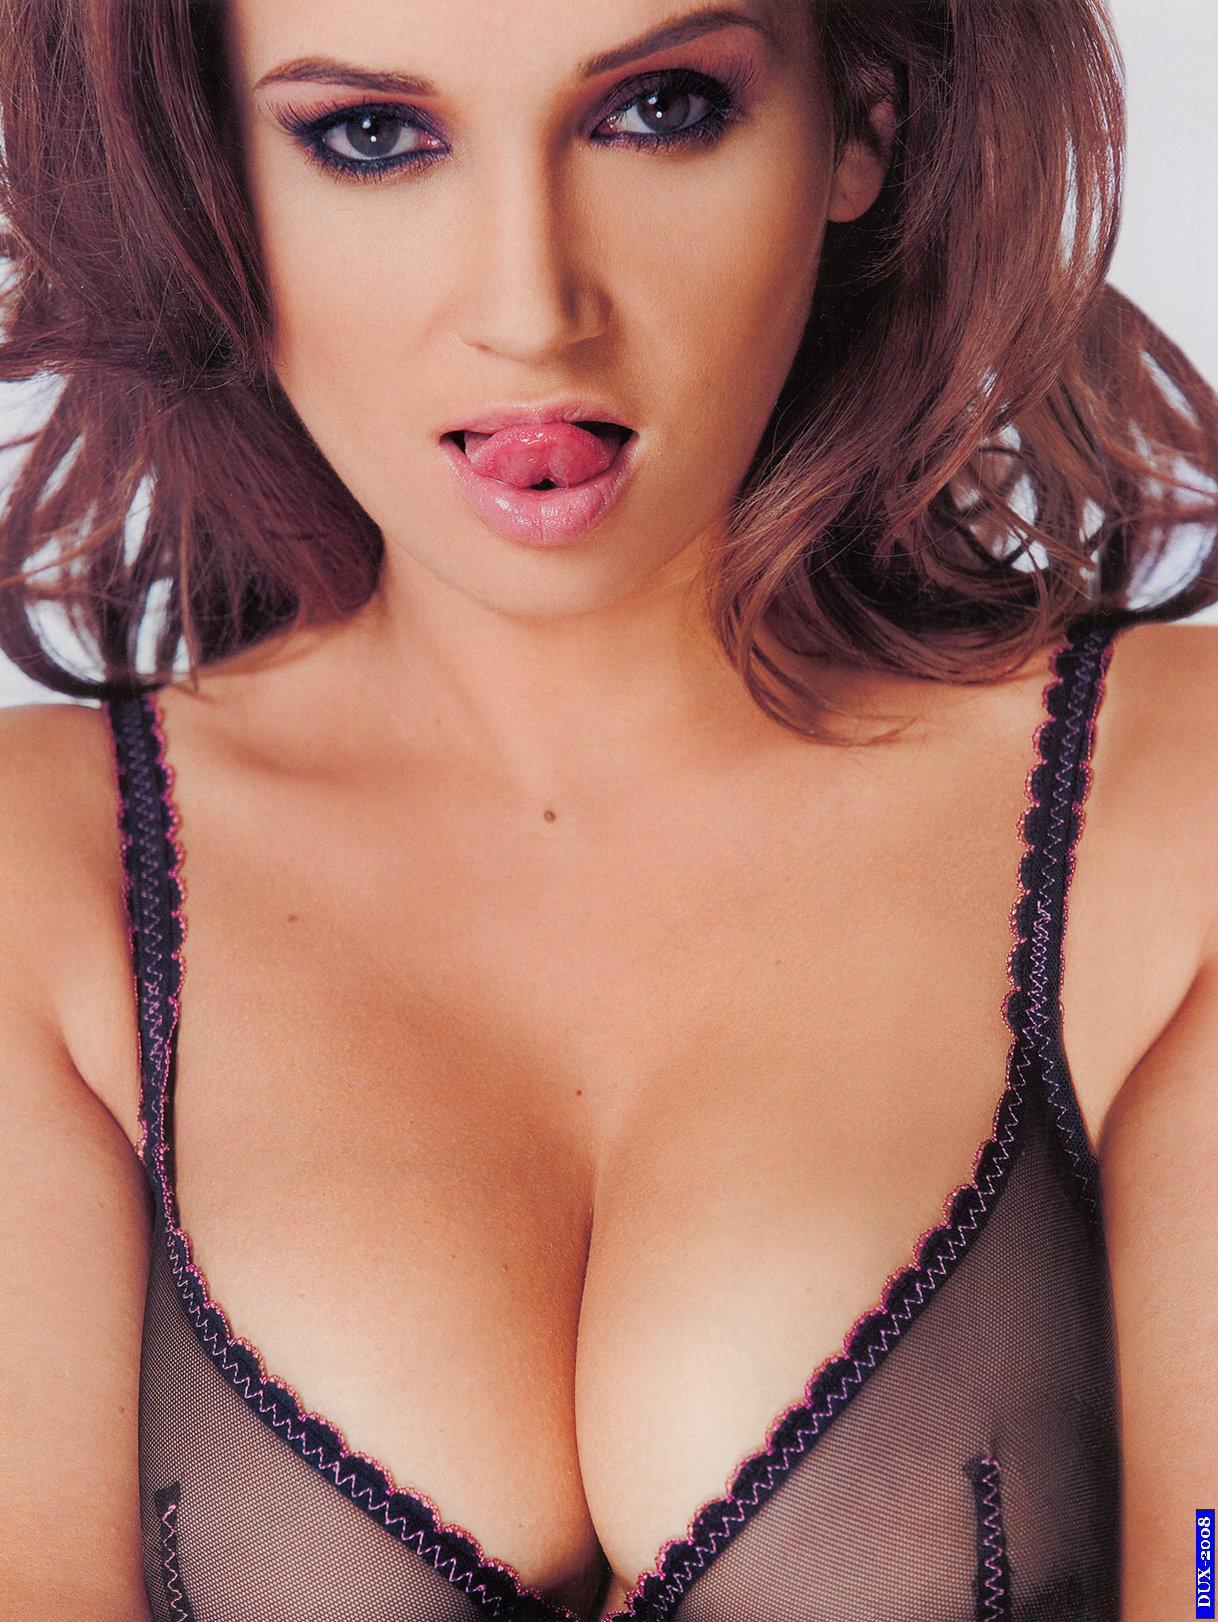 Бесплатное самое новое порно фото на СексШокру